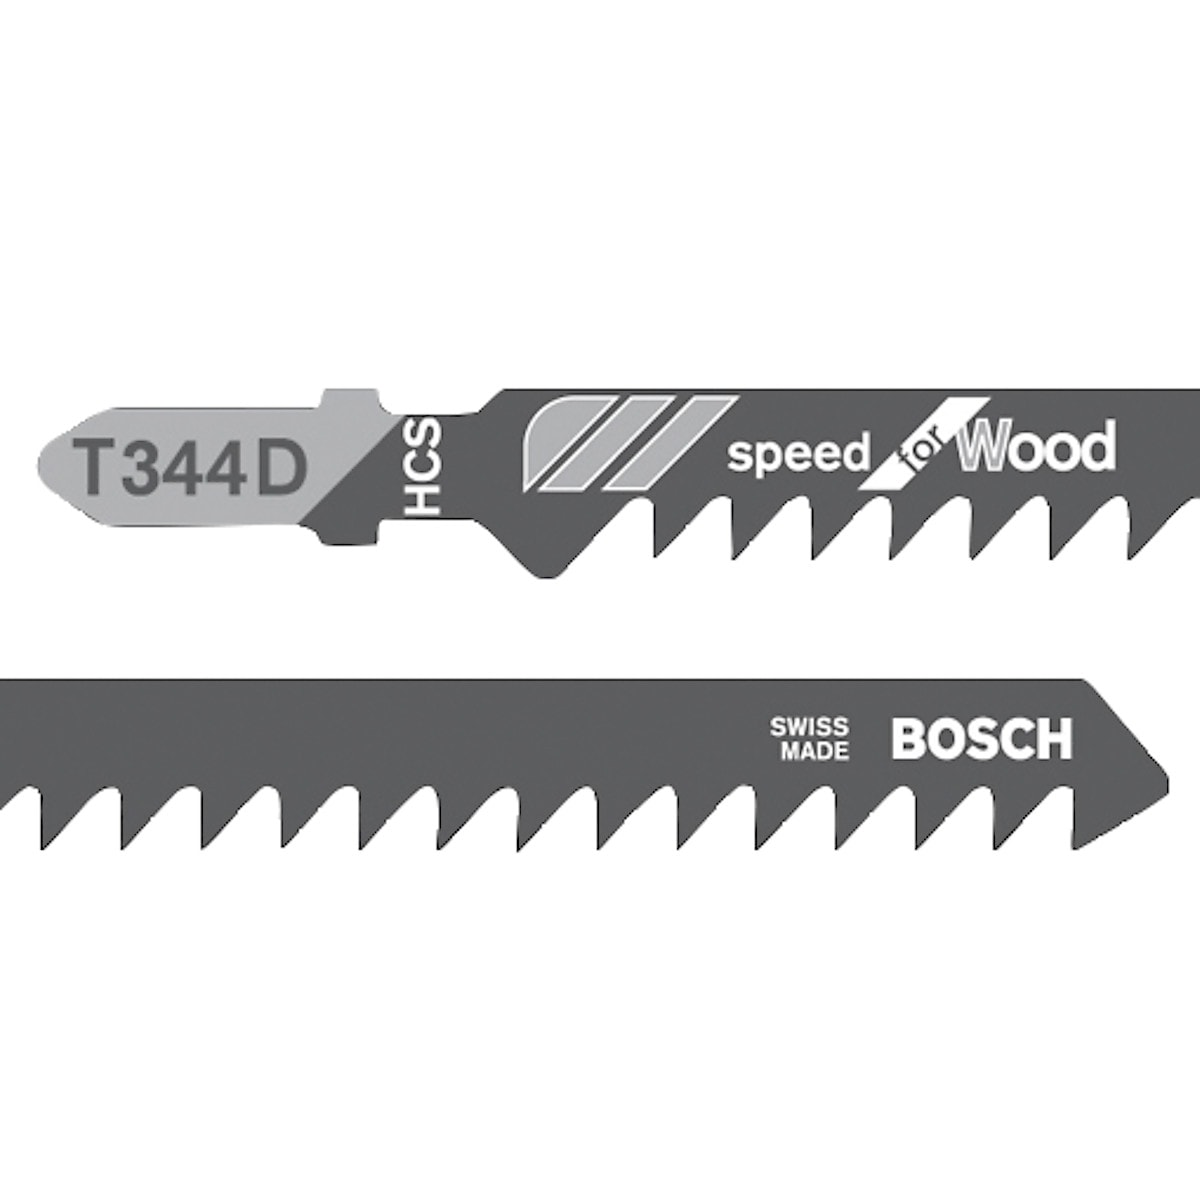 Sticksågsblad HCS T344D Bosch